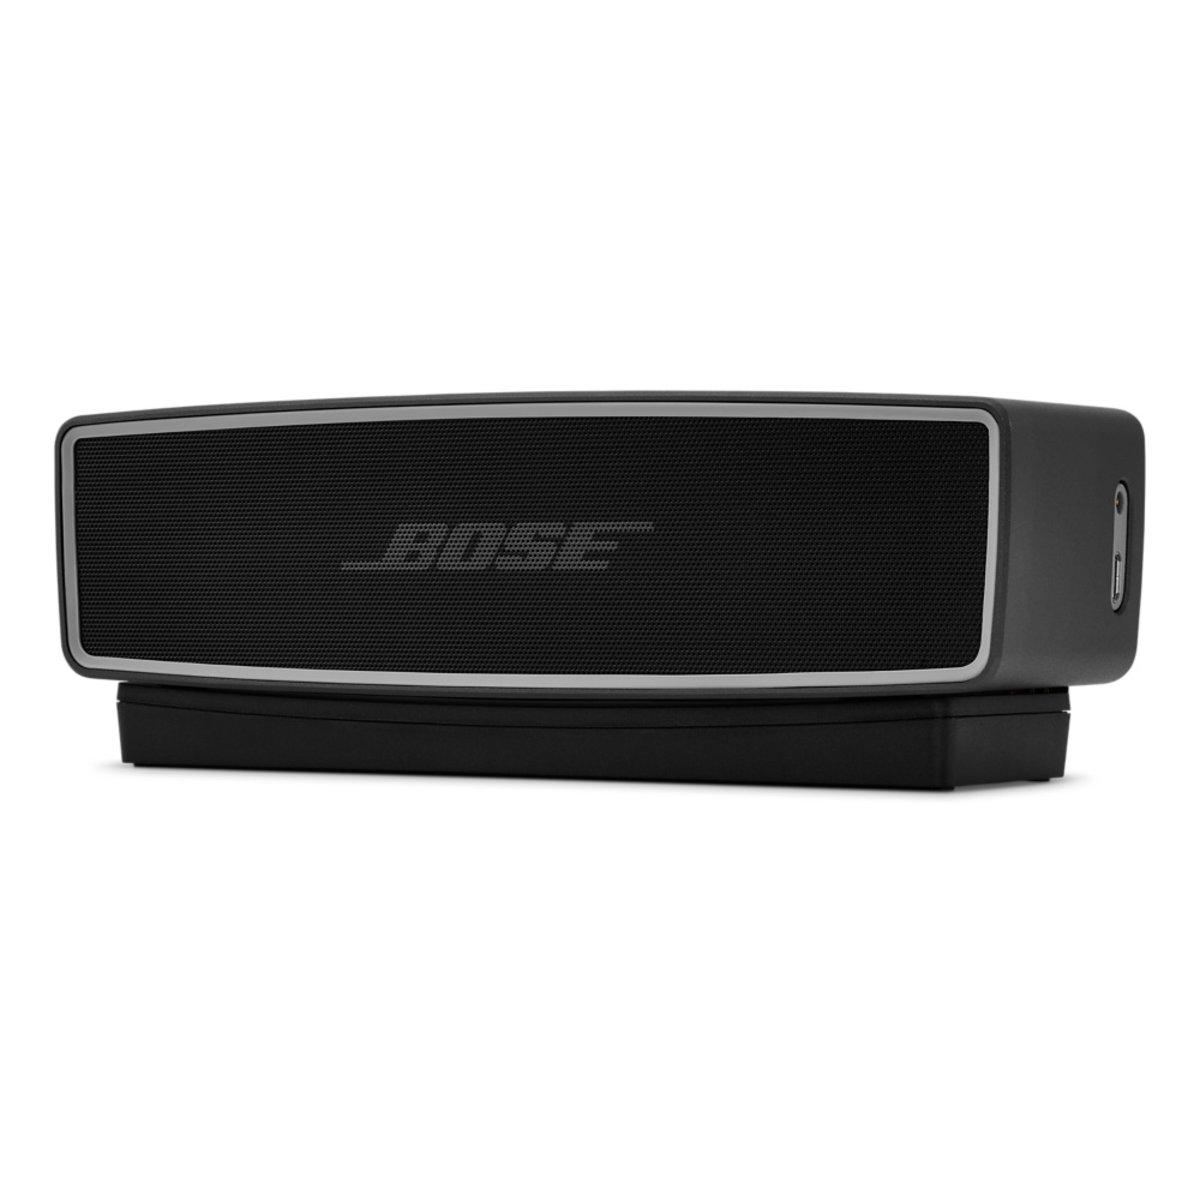 Bose Soundlink Mini Ii Wireless Bluetooth Speaker Black Hktvmall Online Shopping